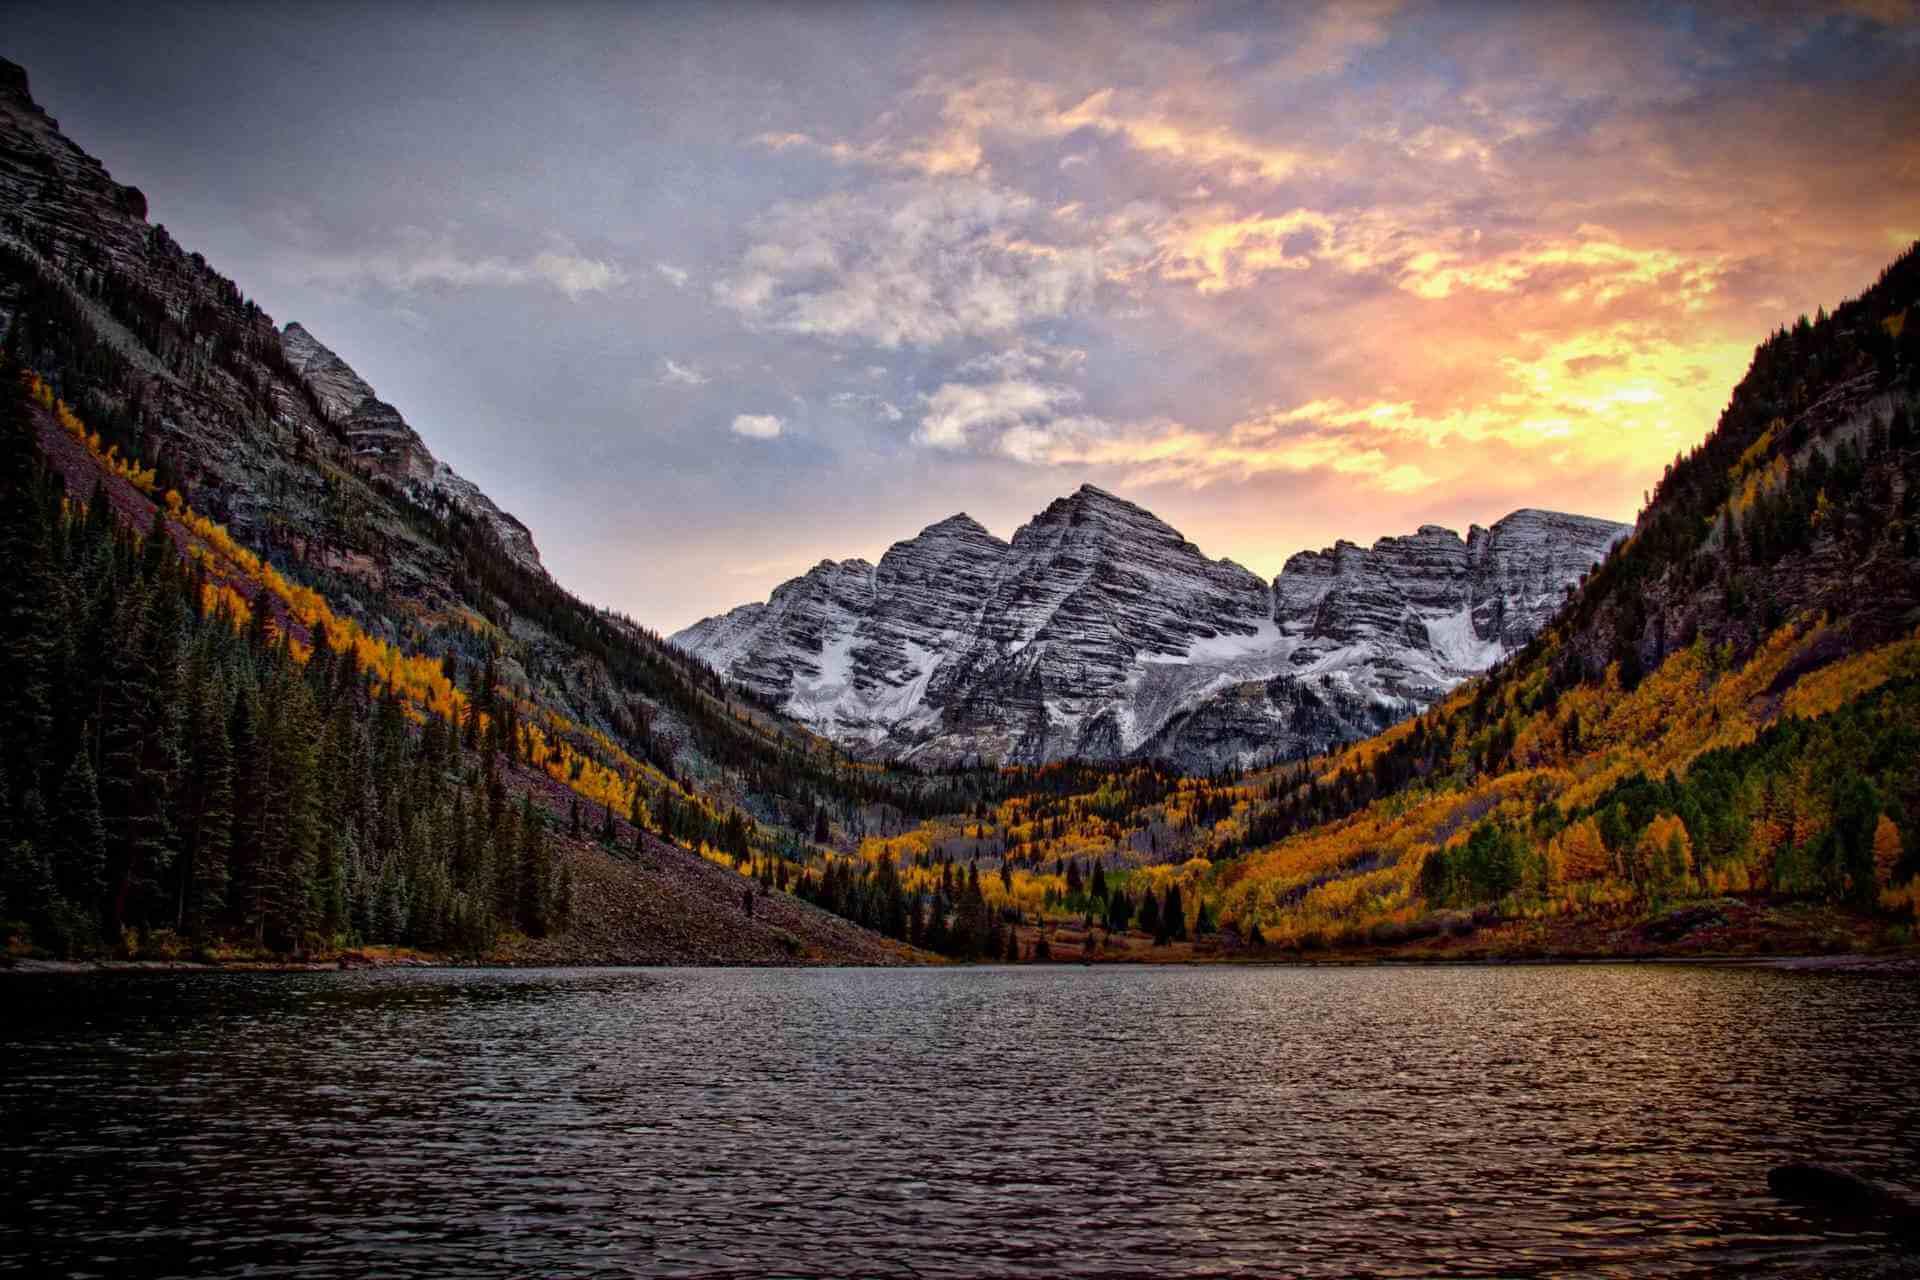 Colorado by drone